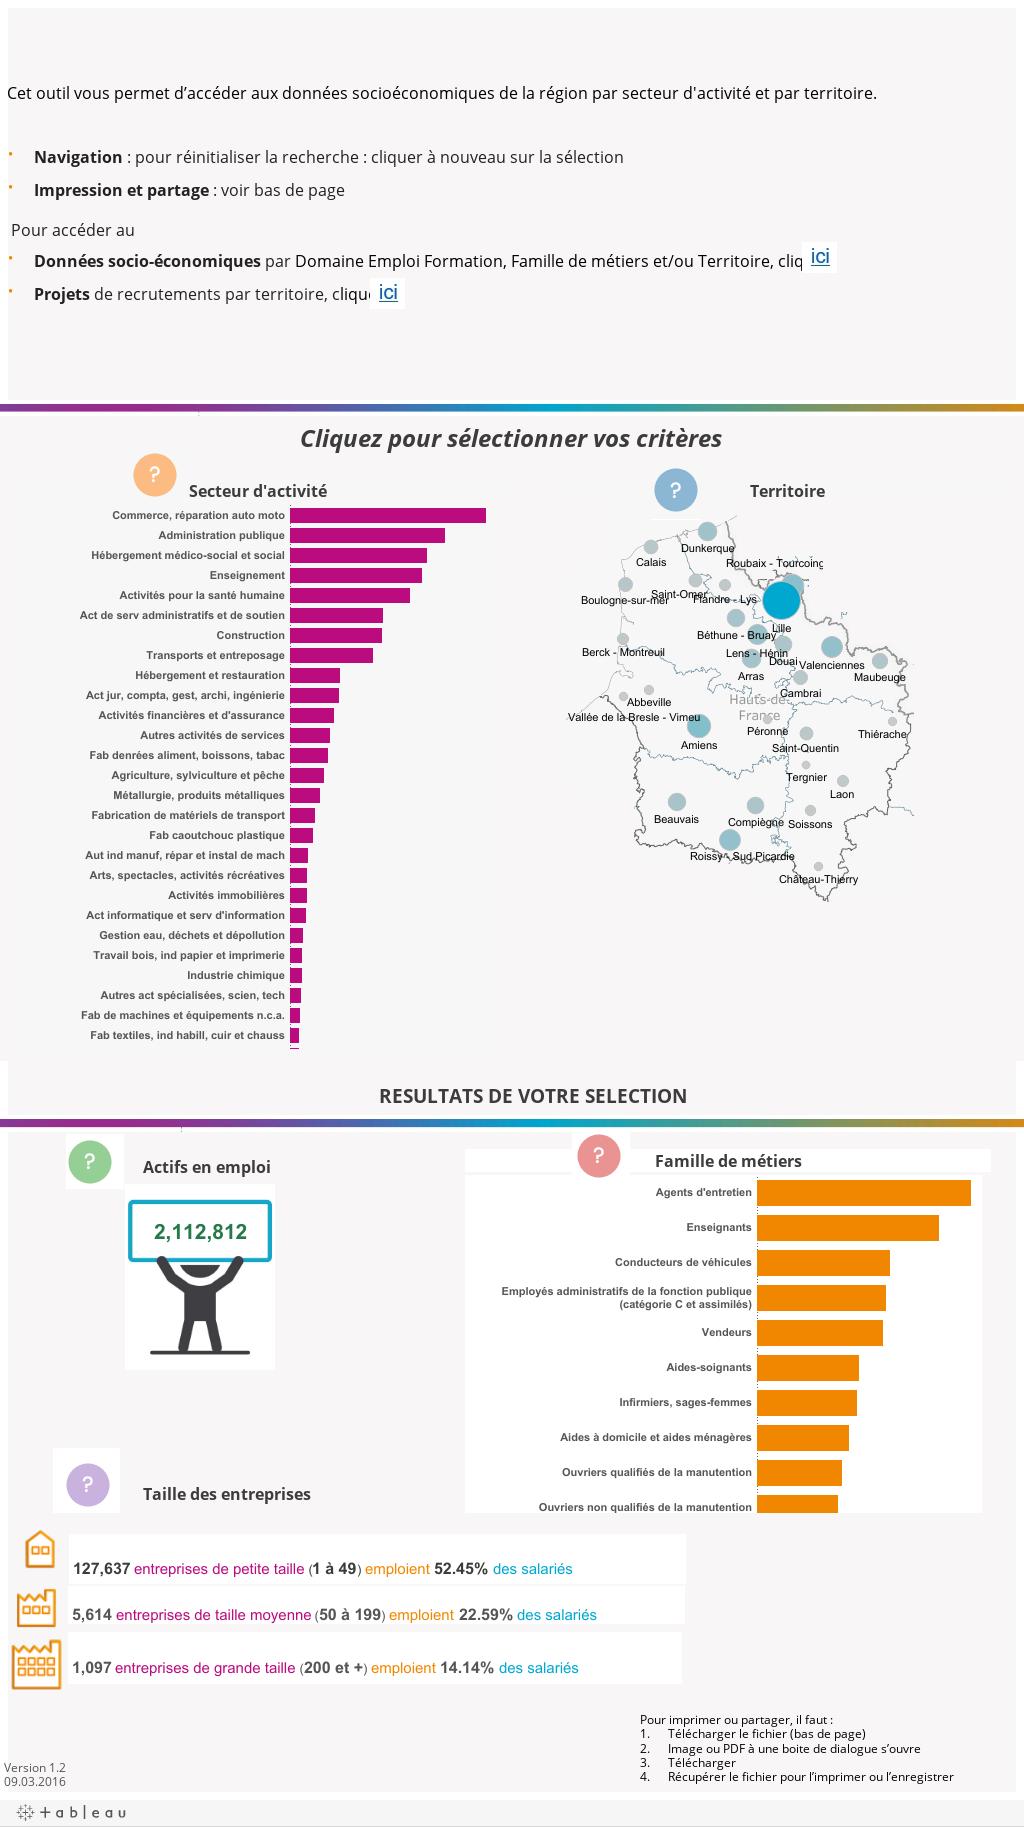 C2RP_repartition_des_secteurs_activites_par_territoire